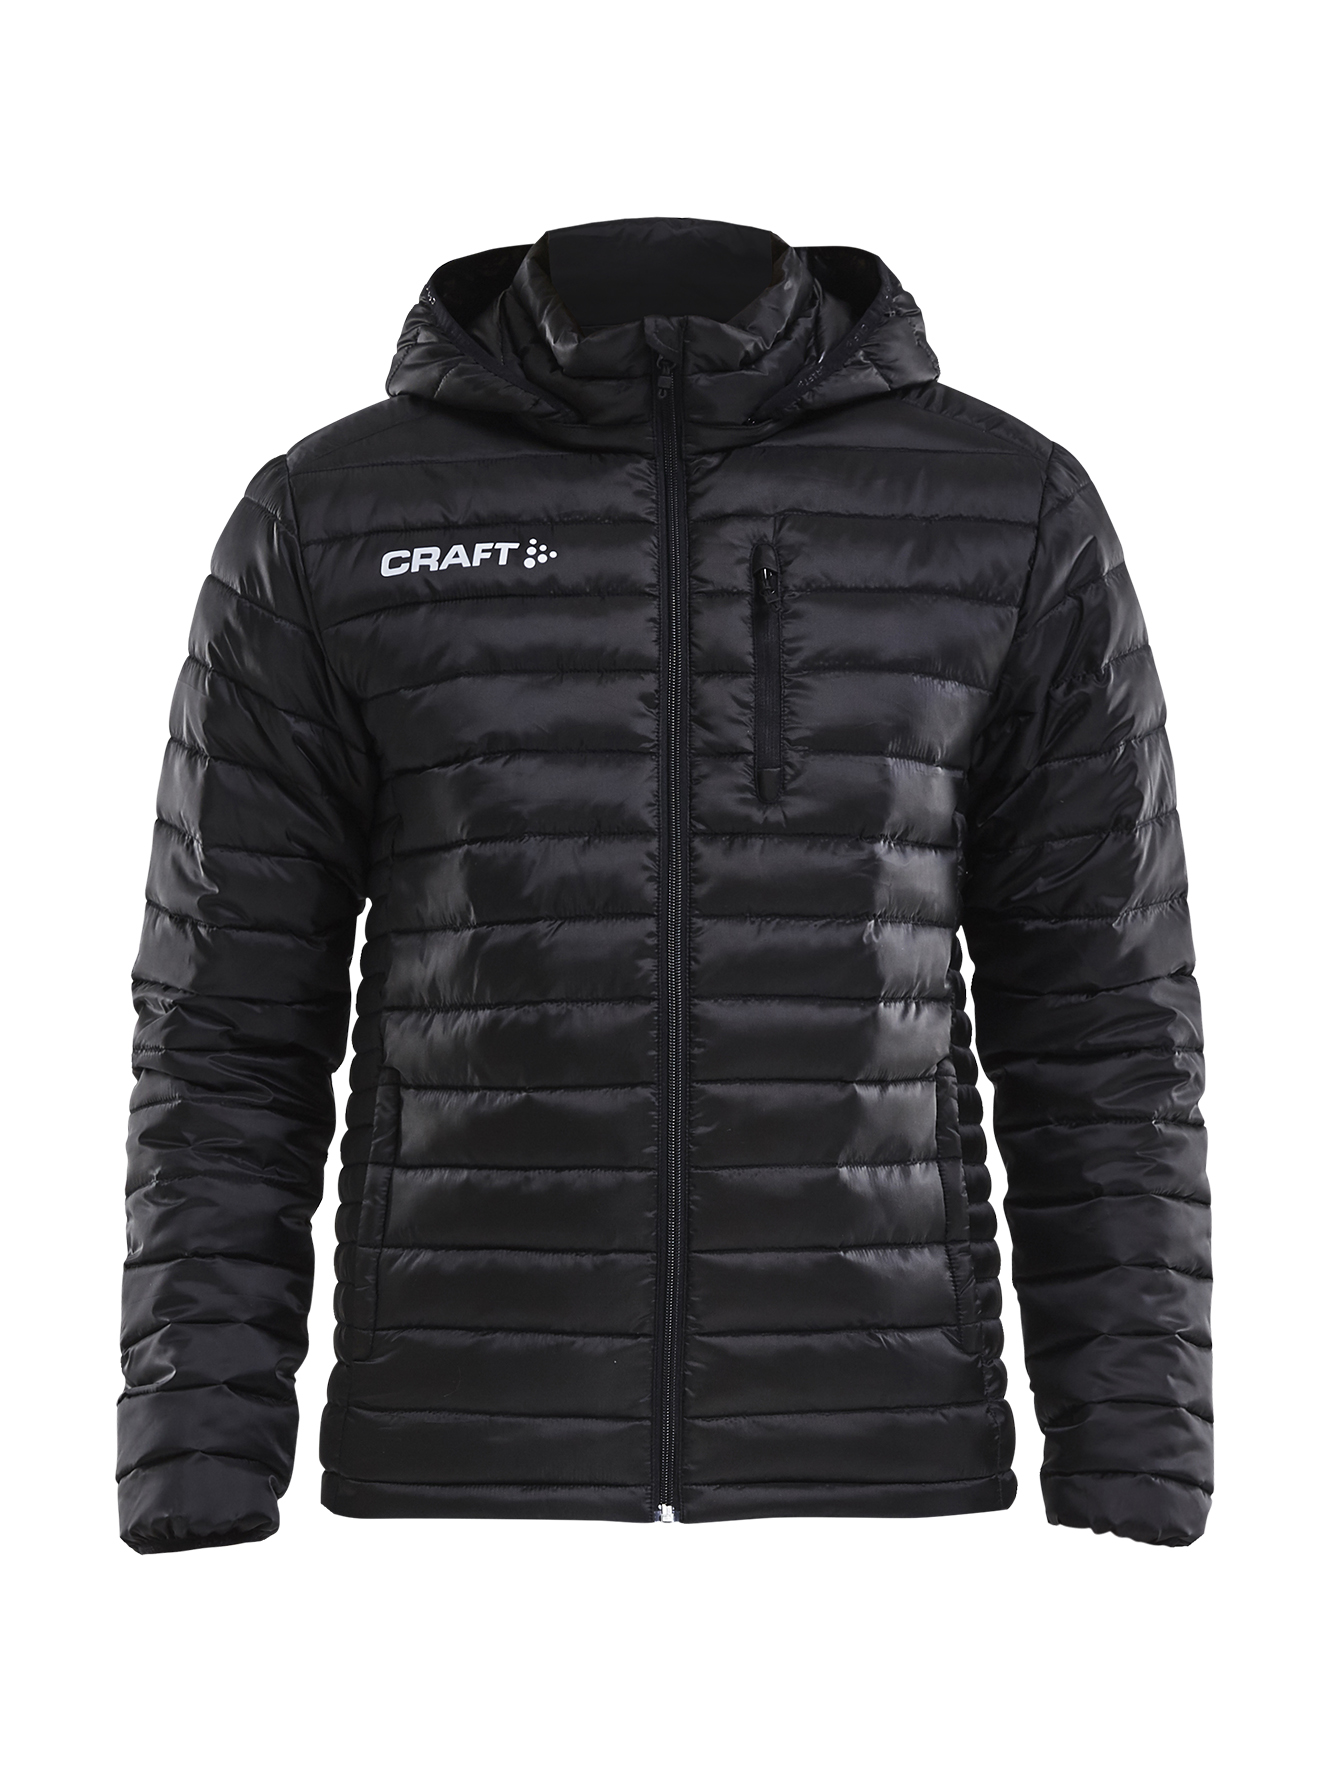 Billede af Craft Isolate Jacket Wind Jacket Men - Black